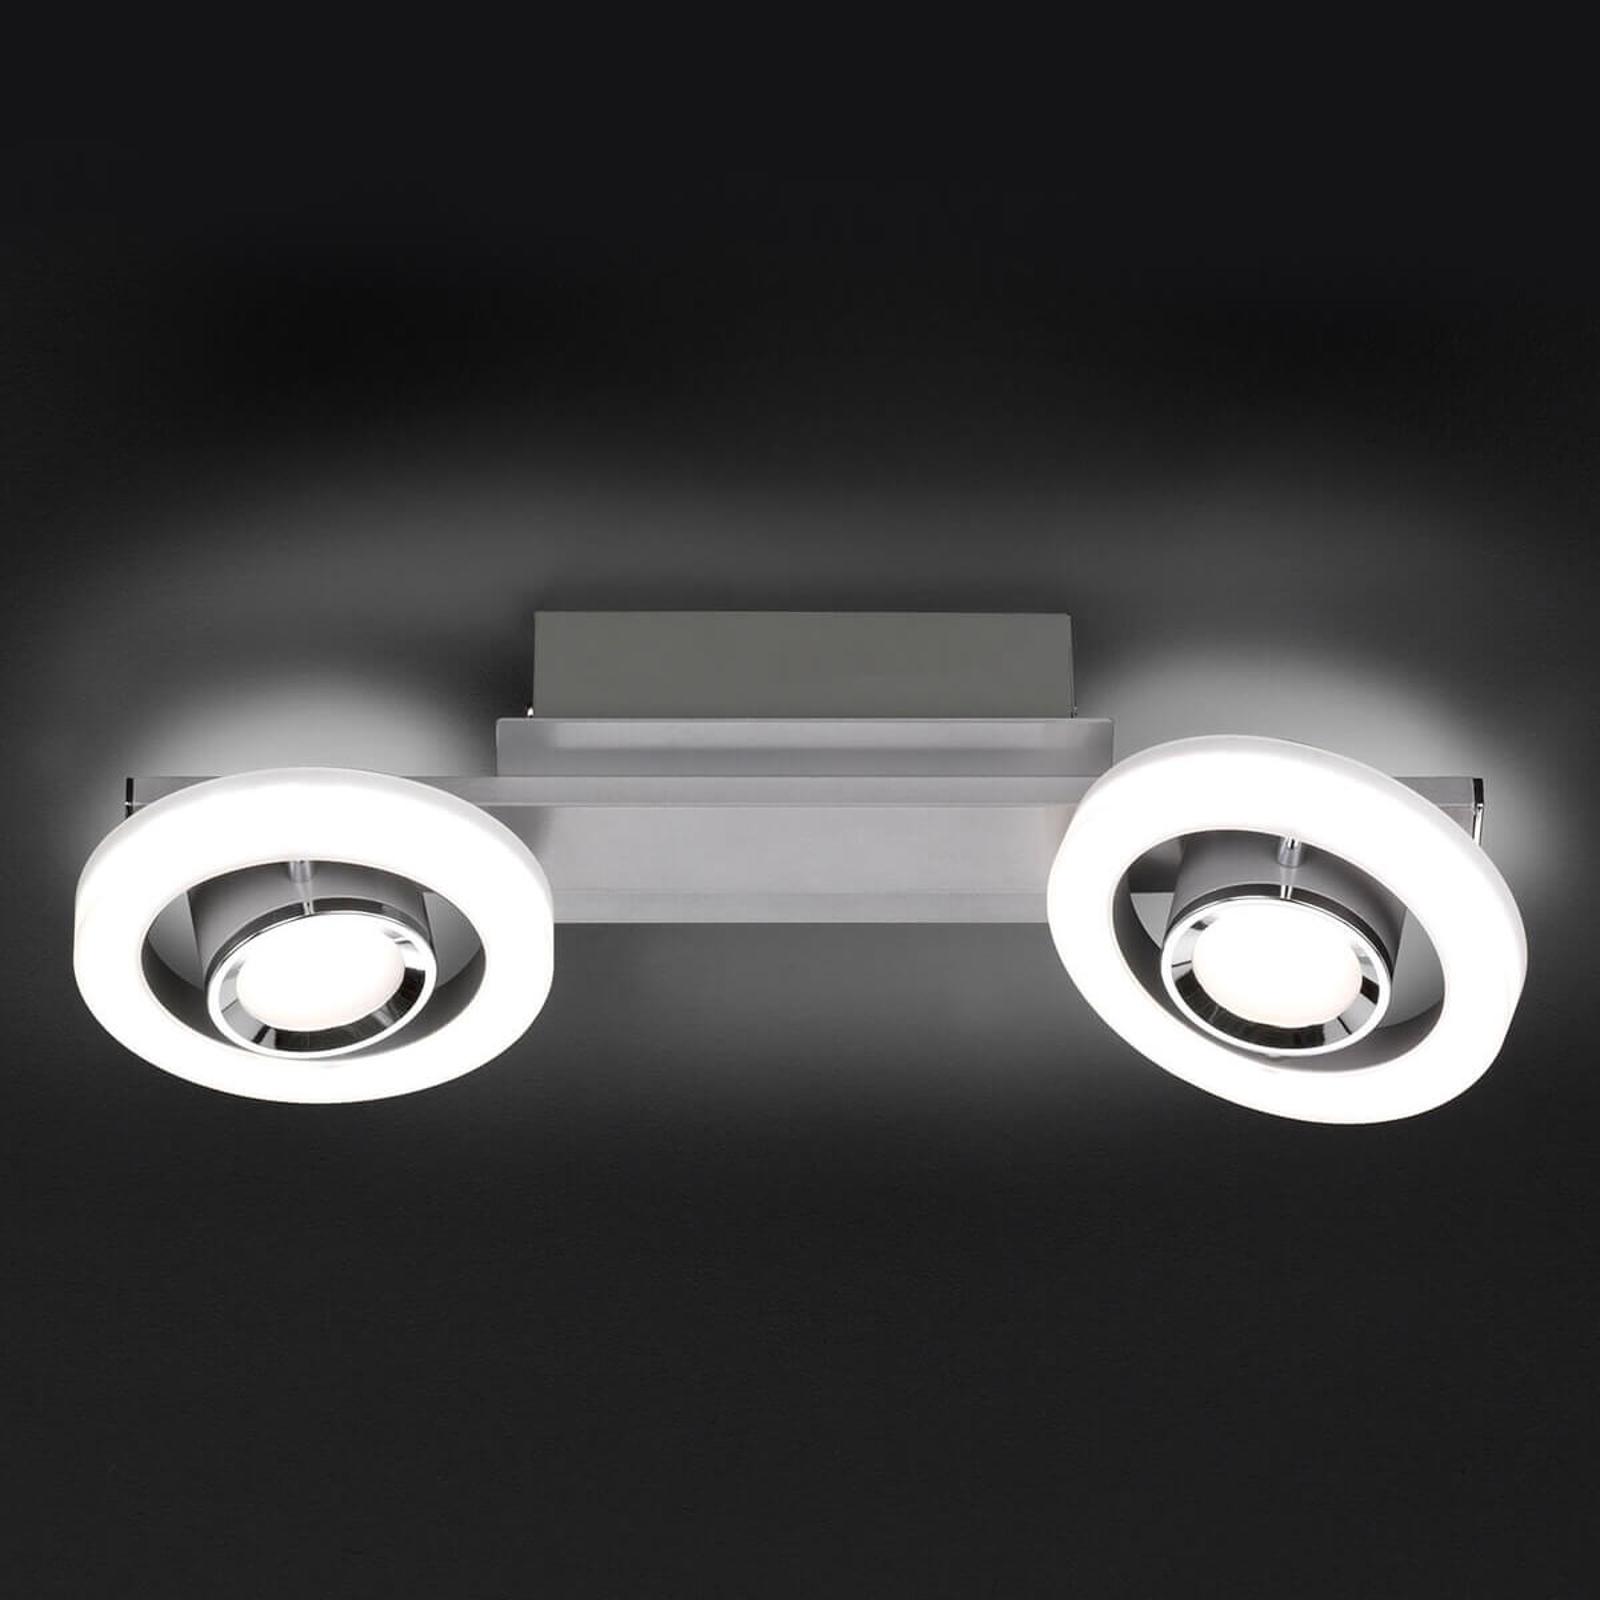 LED-taklampa Detroit med dimmer